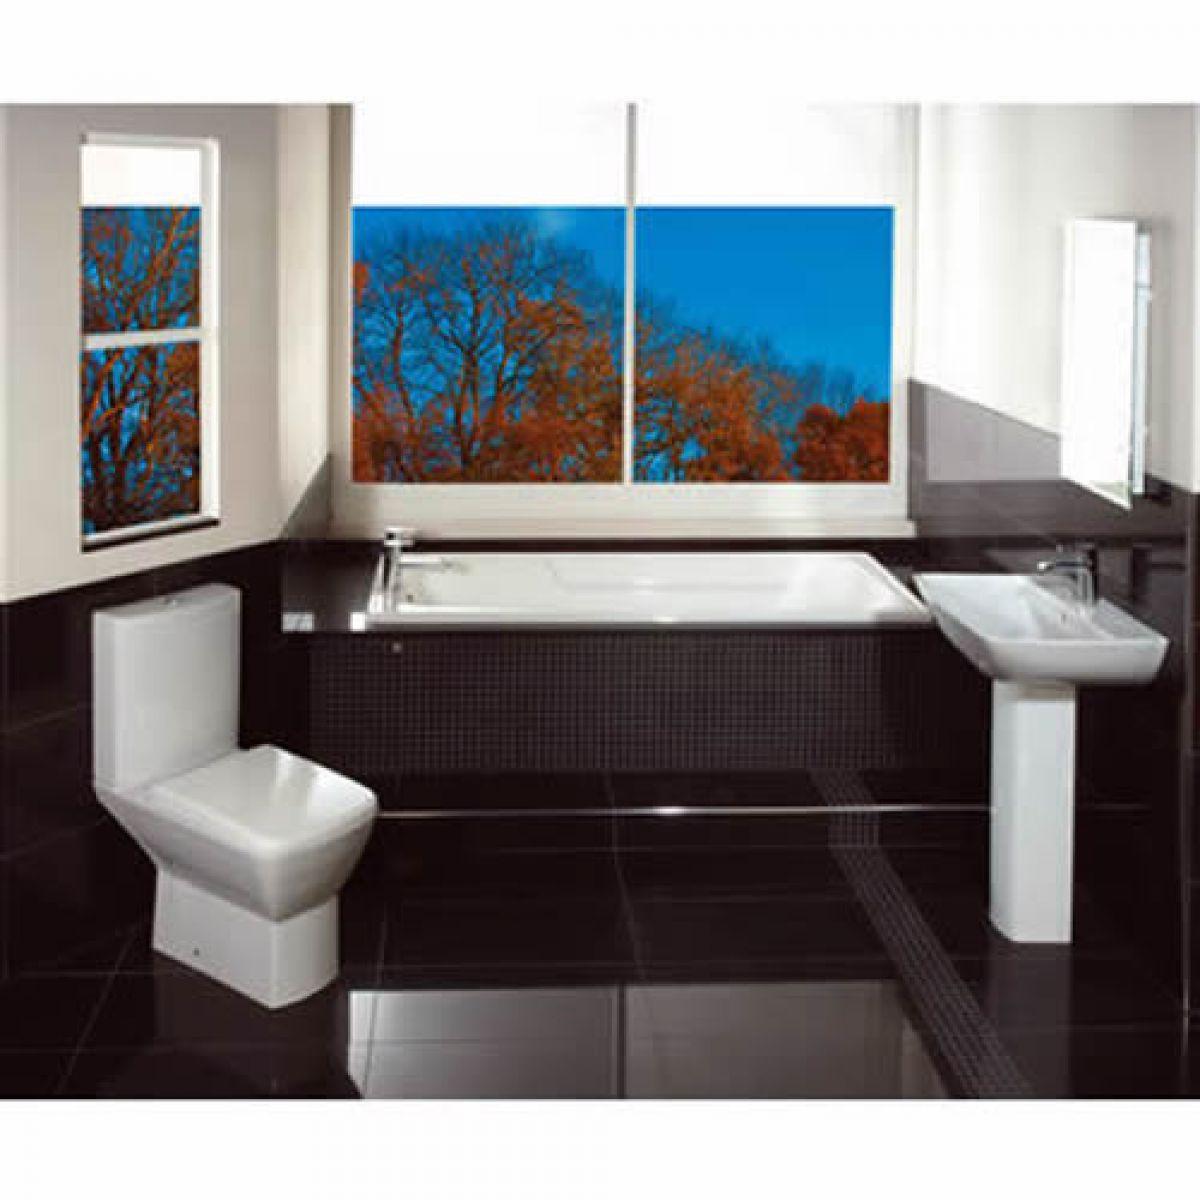 Rak bathroom suites -  Rak Summit Bathroom Basin